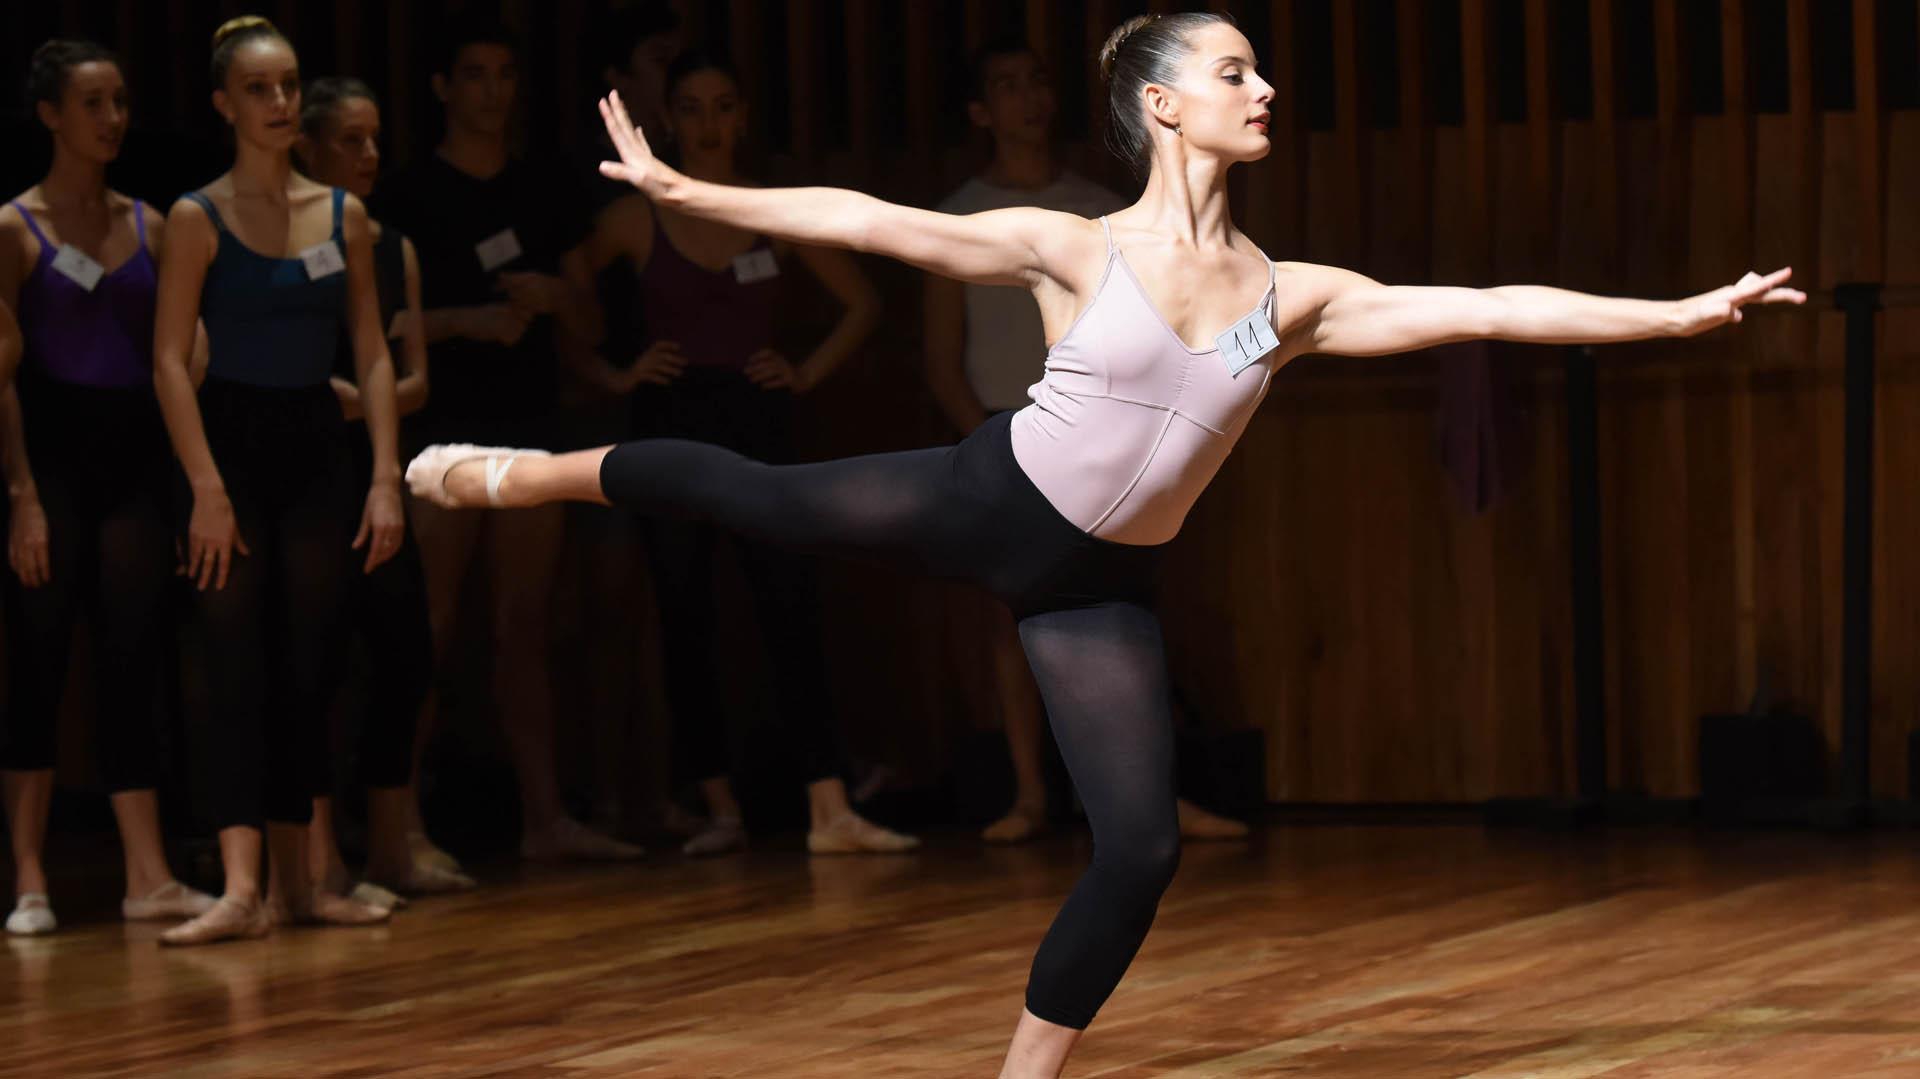 Desde el año 2007, se beneficiaron a casi 40 alumnos que demostraron por su nivel académico, su actitud artística y su proyección de futuro estar a la altura de las exigencias del Taller de Danza del Teatro San Martín.